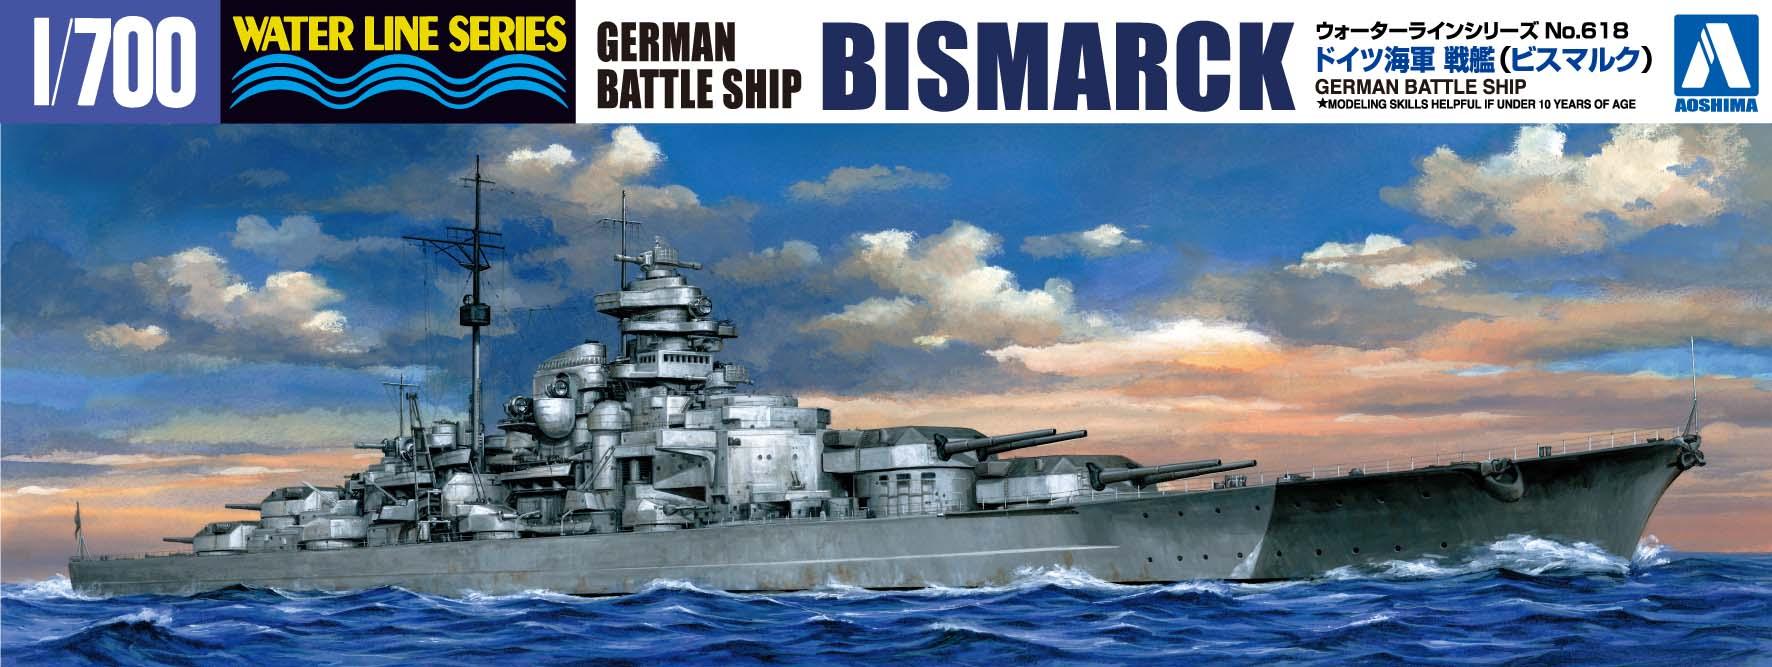 Aoshima 1/700 German Battleship BISMARCK